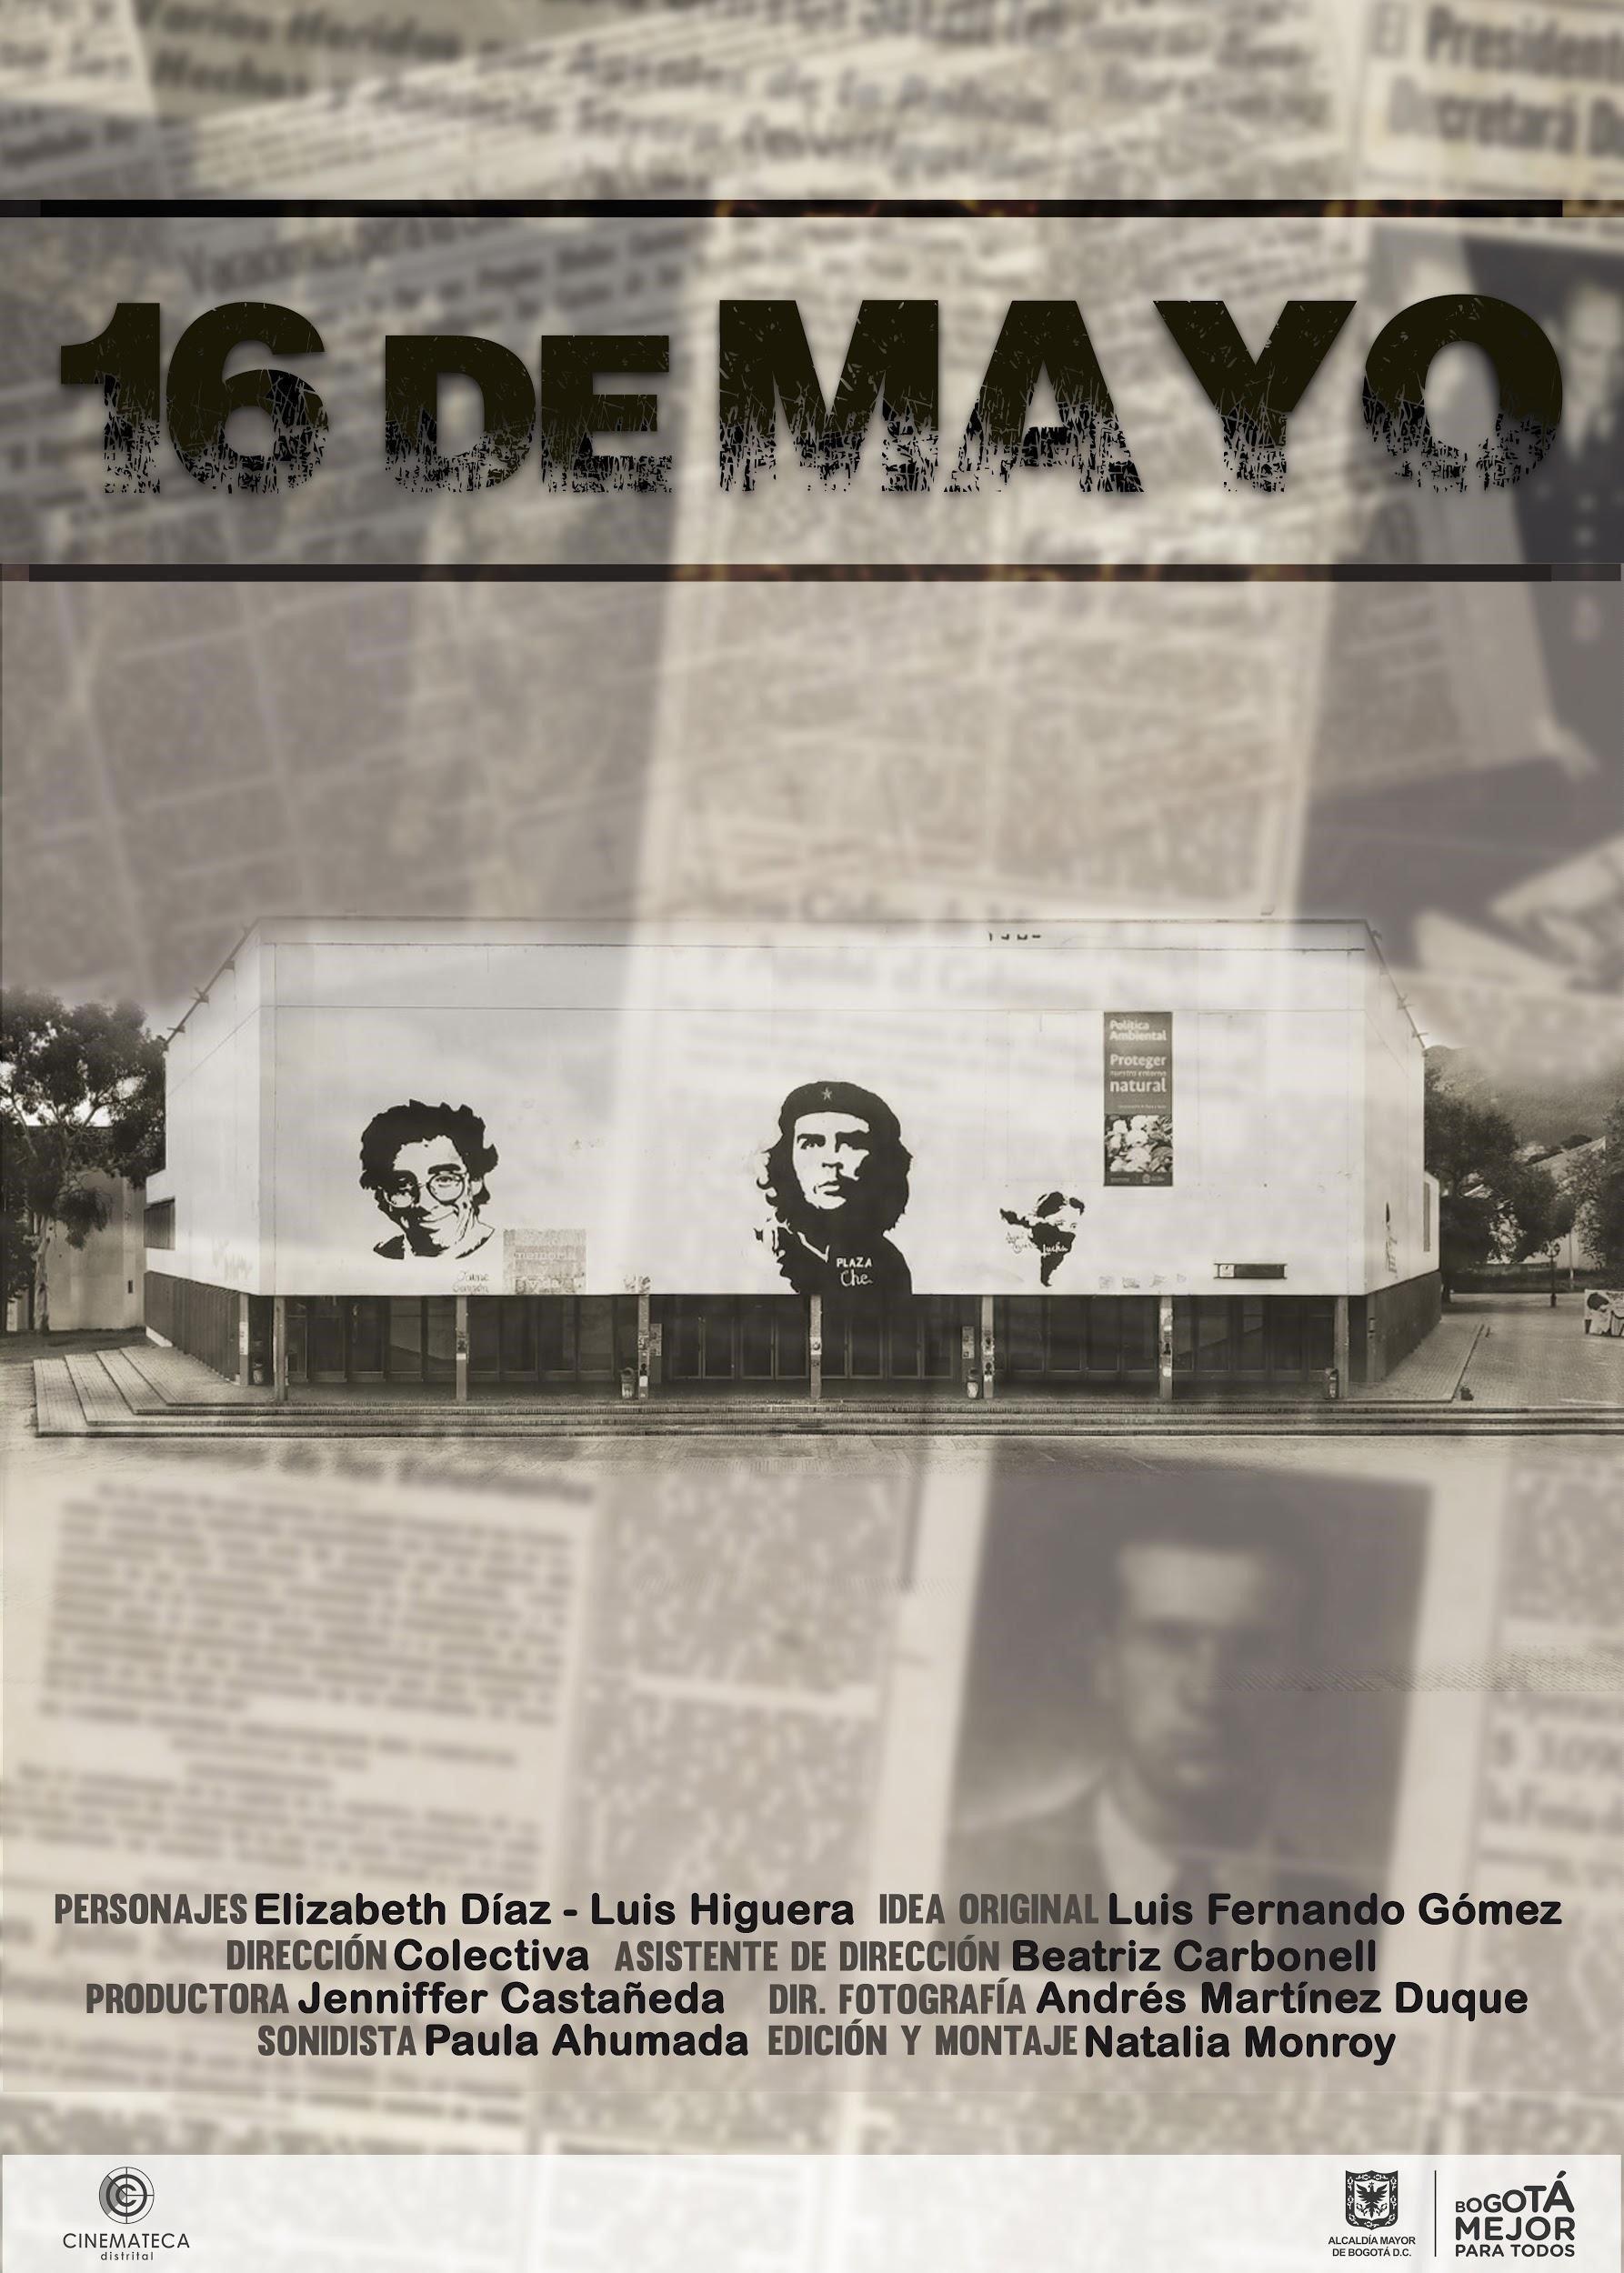 Conozca las historias bogotanas que estrena Cinemateca Rodante - 5-5